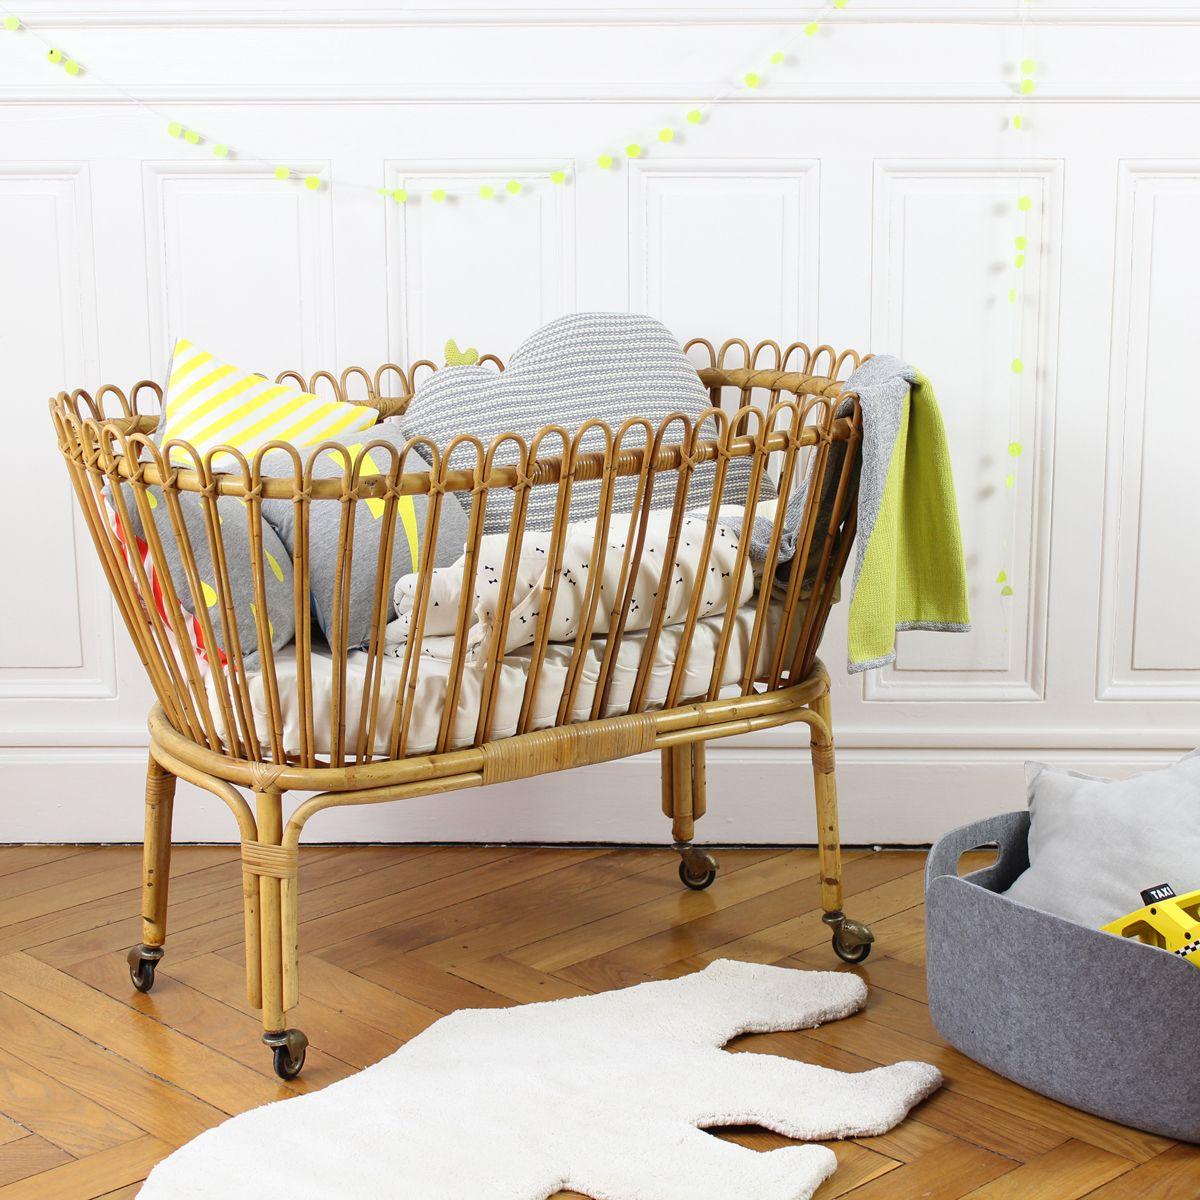 8 id es originales pour d corer la chambre de b b drolesdemums chambre b b mat riaux. Black Bedroom Furniture Sets. Home Design Ideas